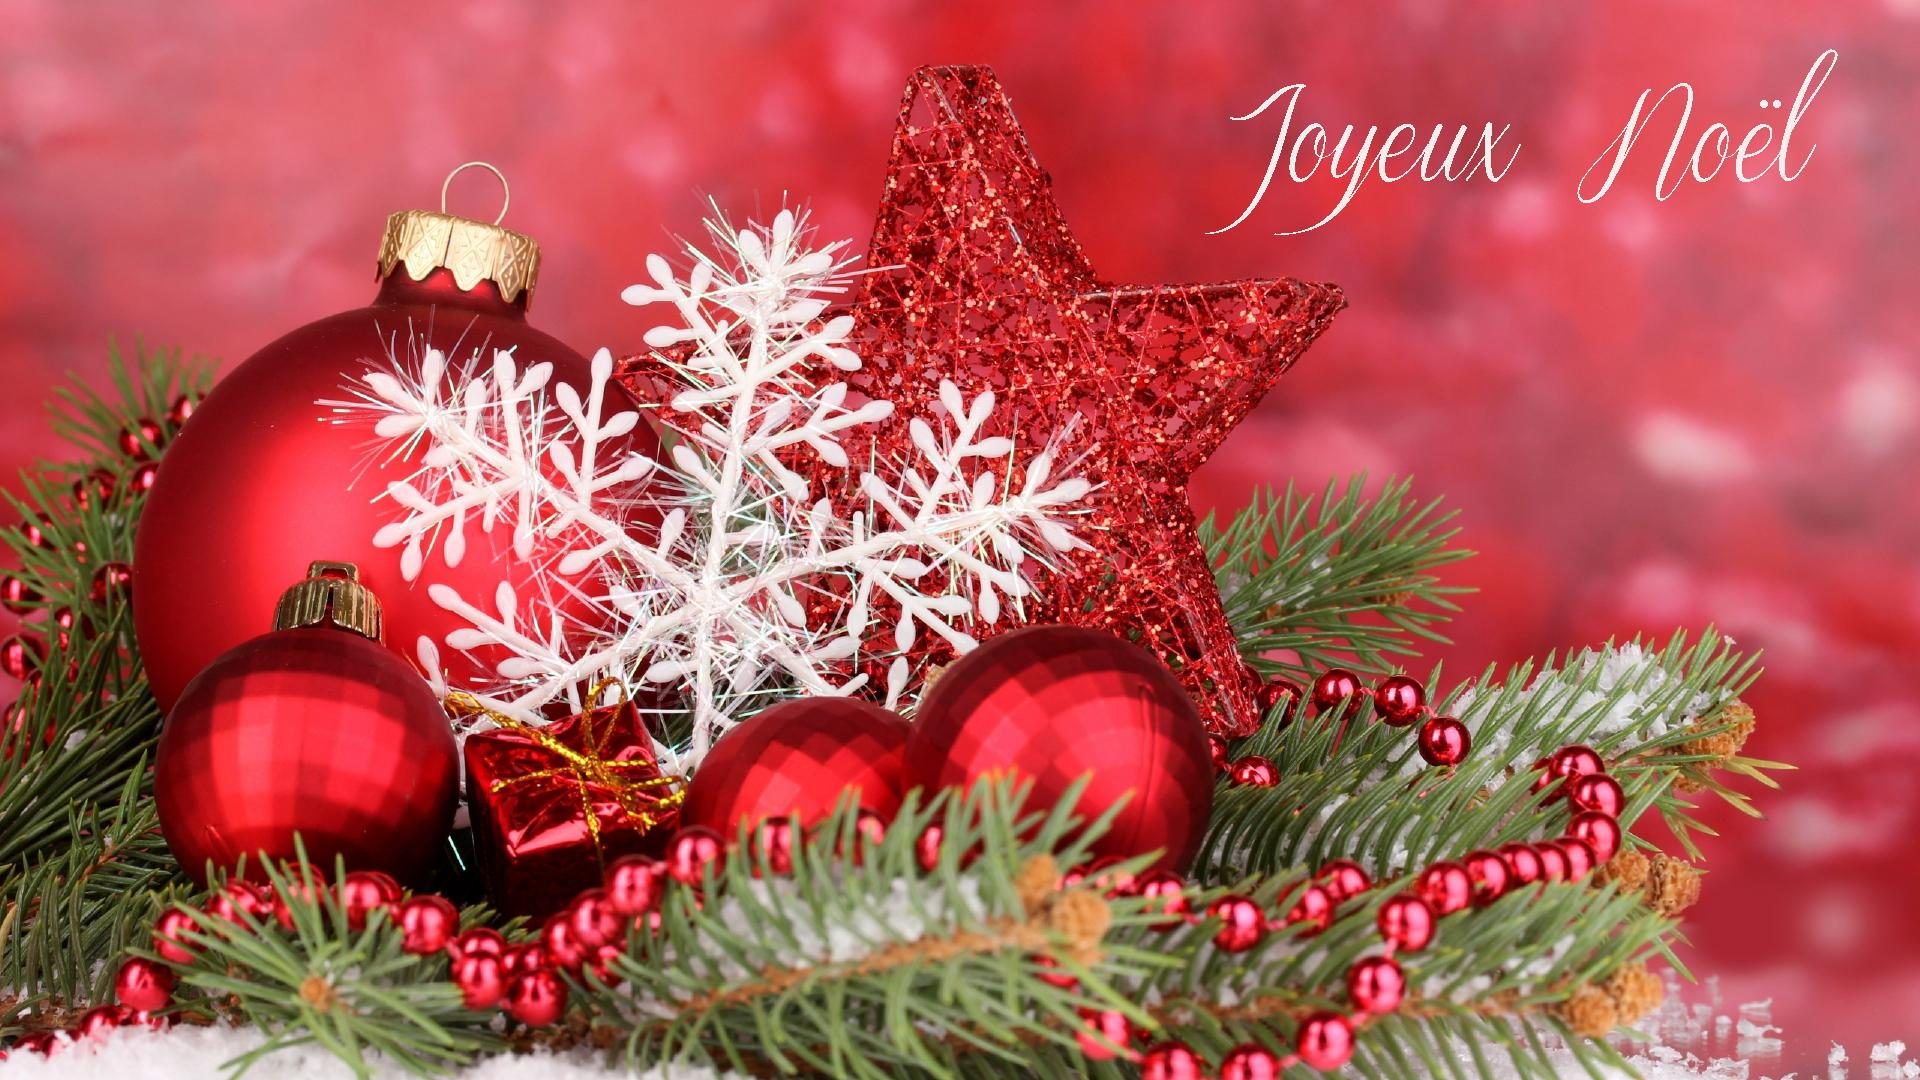 Blog Joyeux Noel 2014